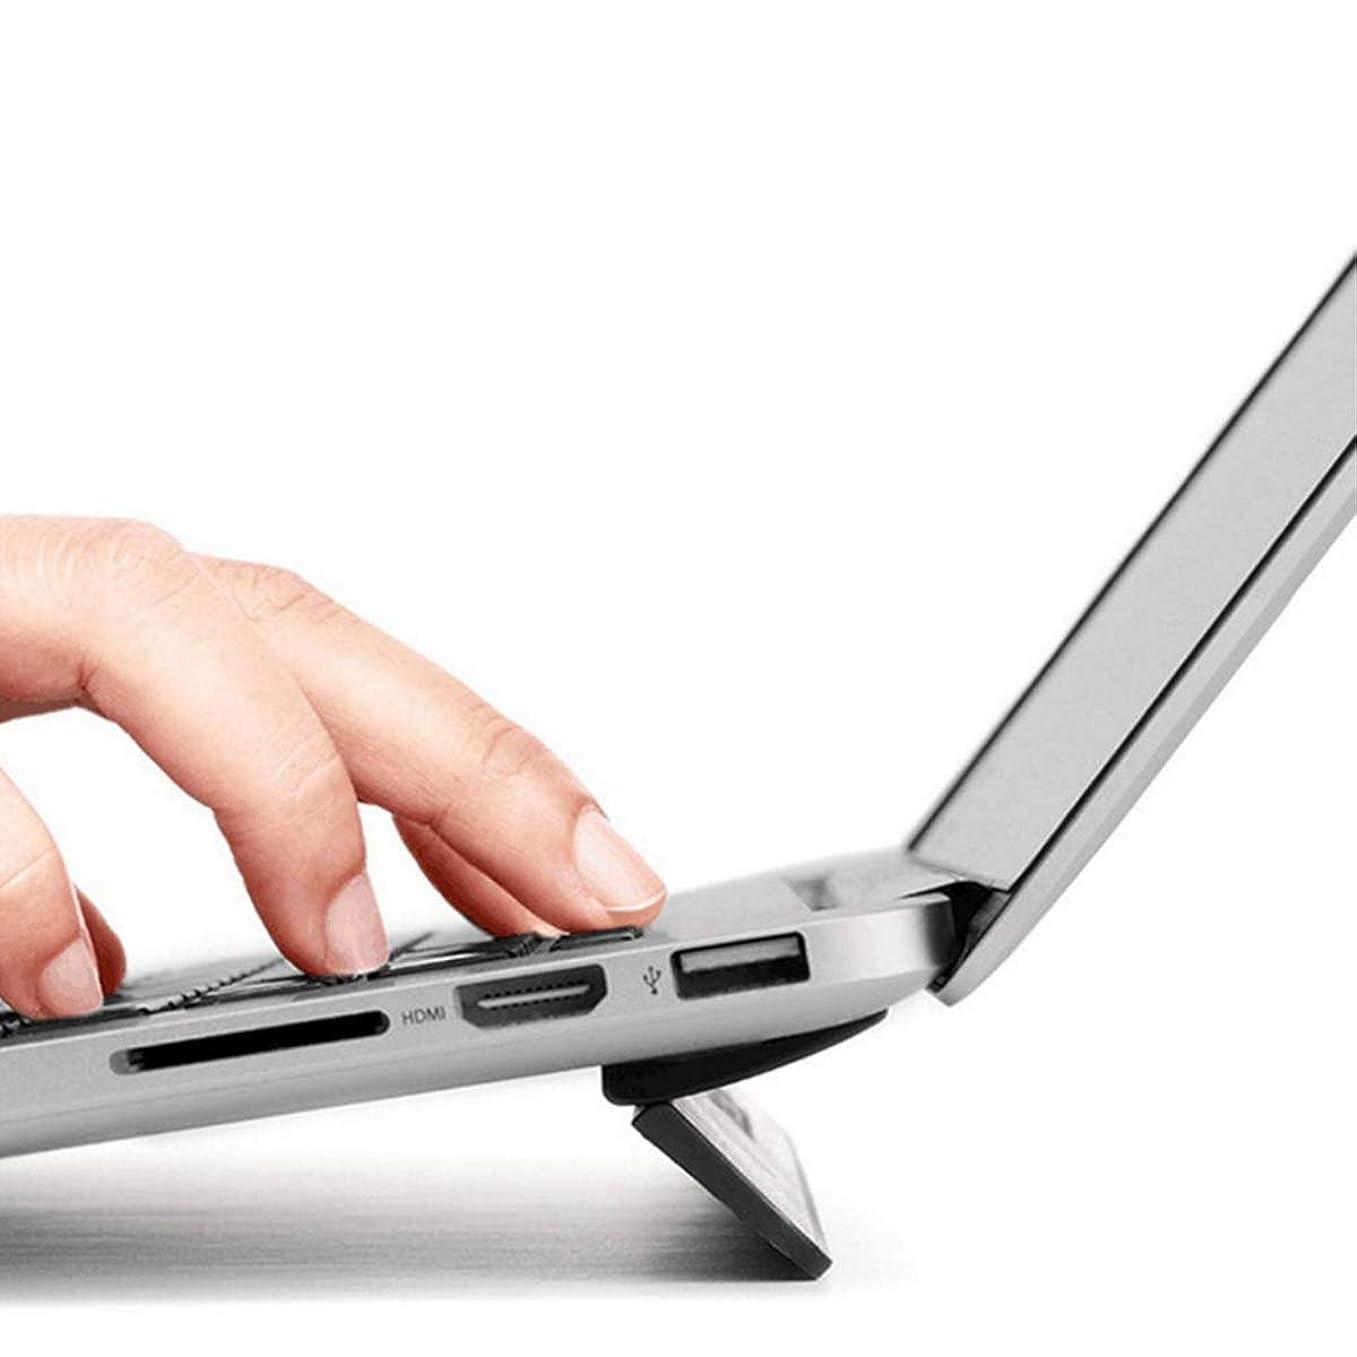 簡単な回復自慢NELSON【ネルソン】ノートパソコンスタンド PCスタンド フリップスタンド MacBook専用 13インチ 12インチ対応 軽量 折りたたみ 放熱 タイピング角度